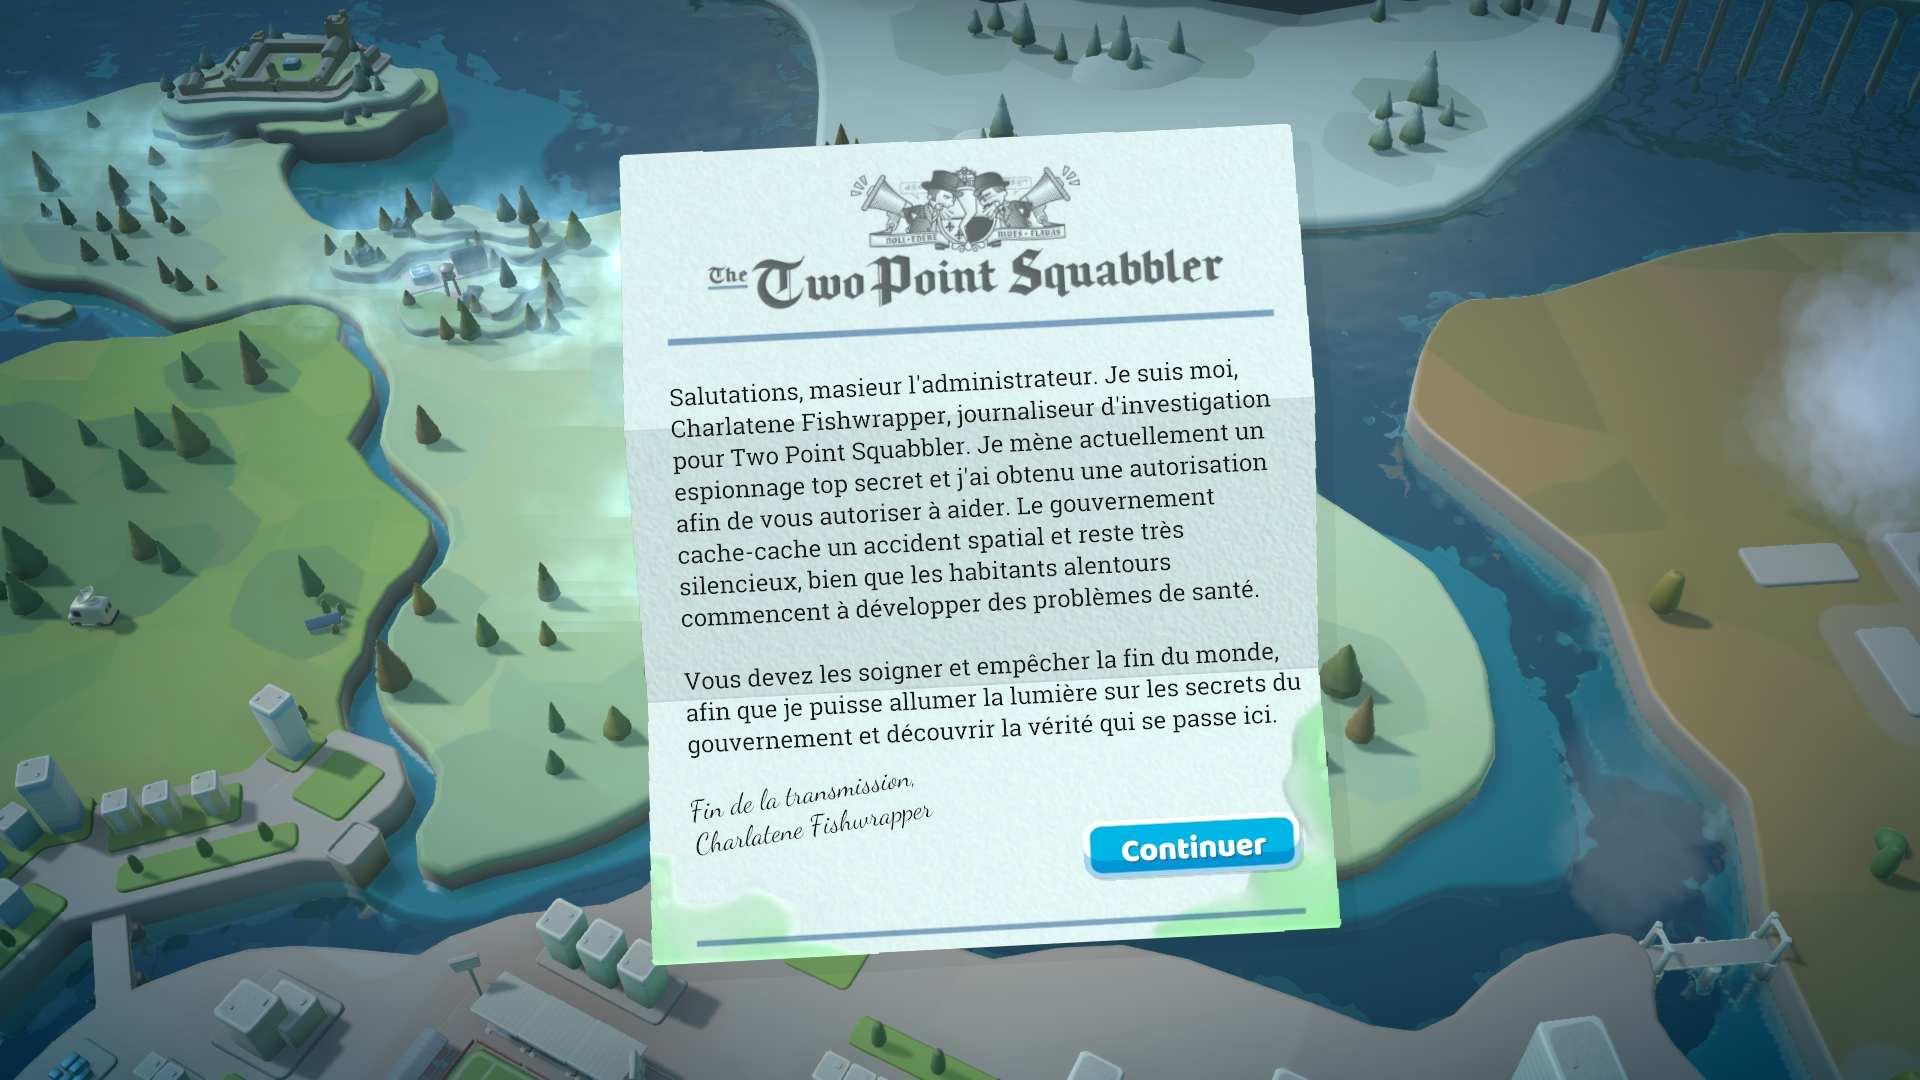 rencontres Sims pour les gars gratuit Cliquez sur 2 vitesse Asie datation